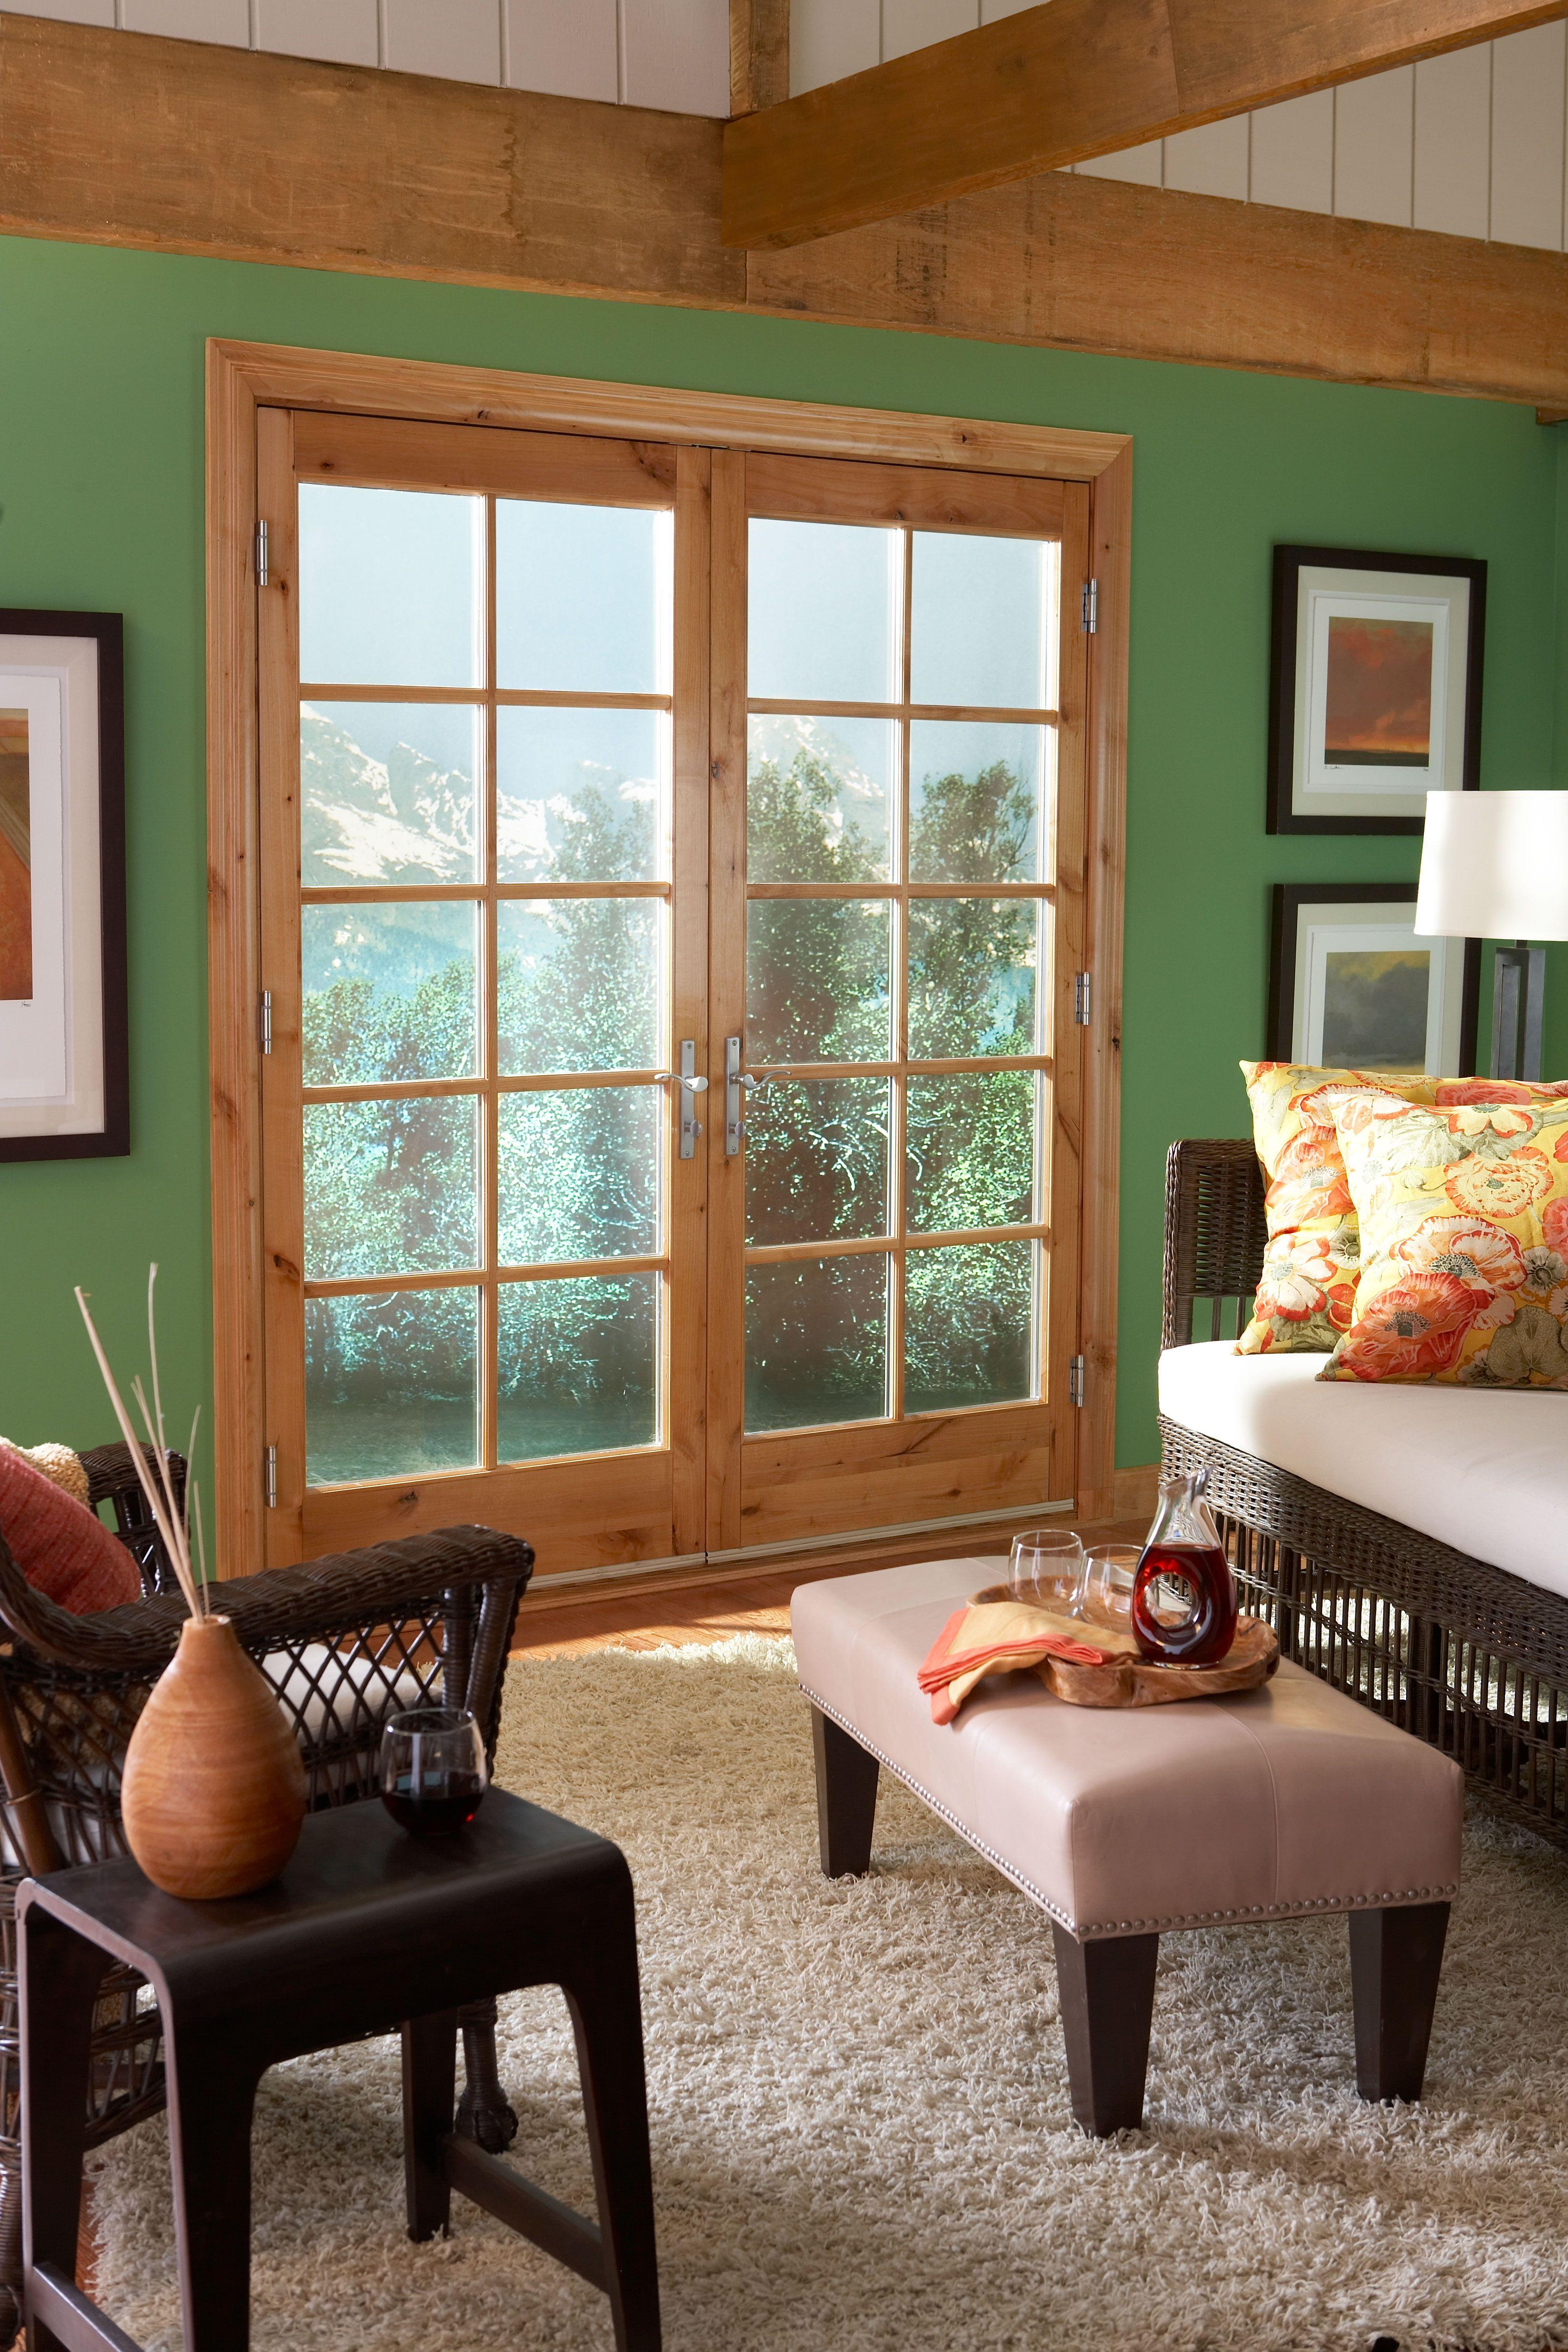 Ashworth R Patio French Doors By Woodgrain Millwork